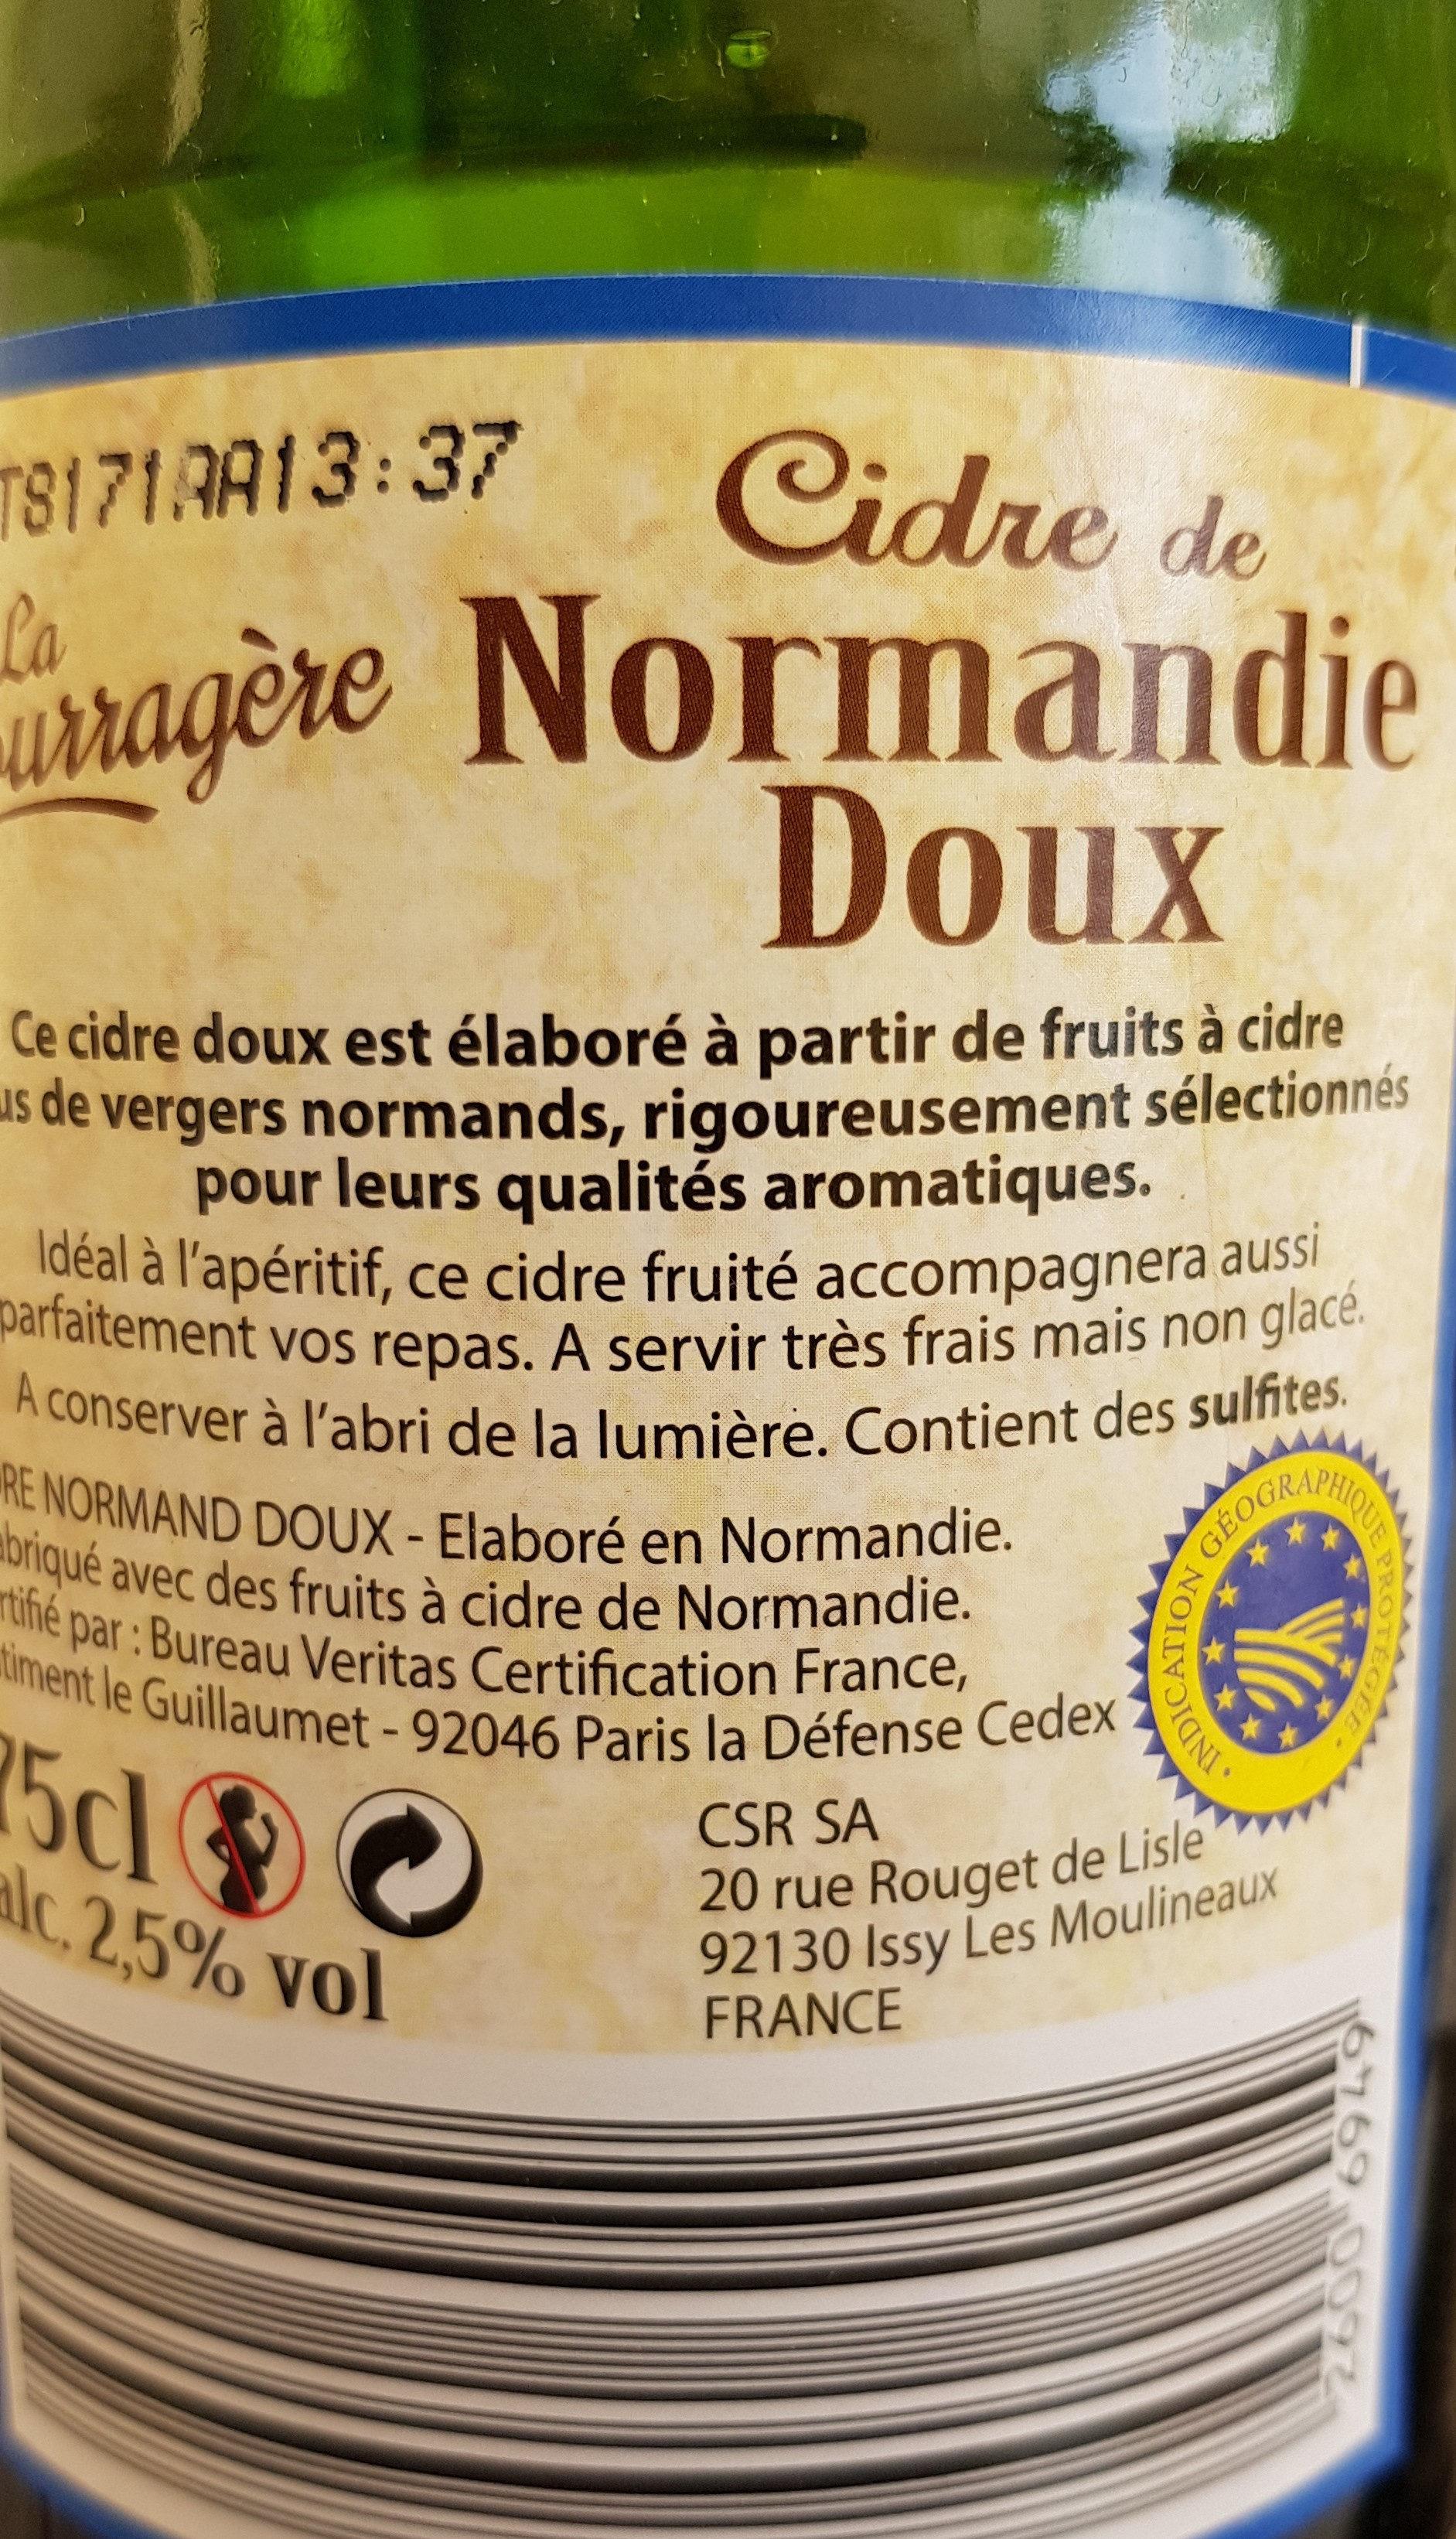 Cidre de Normandie, Doux (alc. 2,5 % vol) - Ingredients - fr